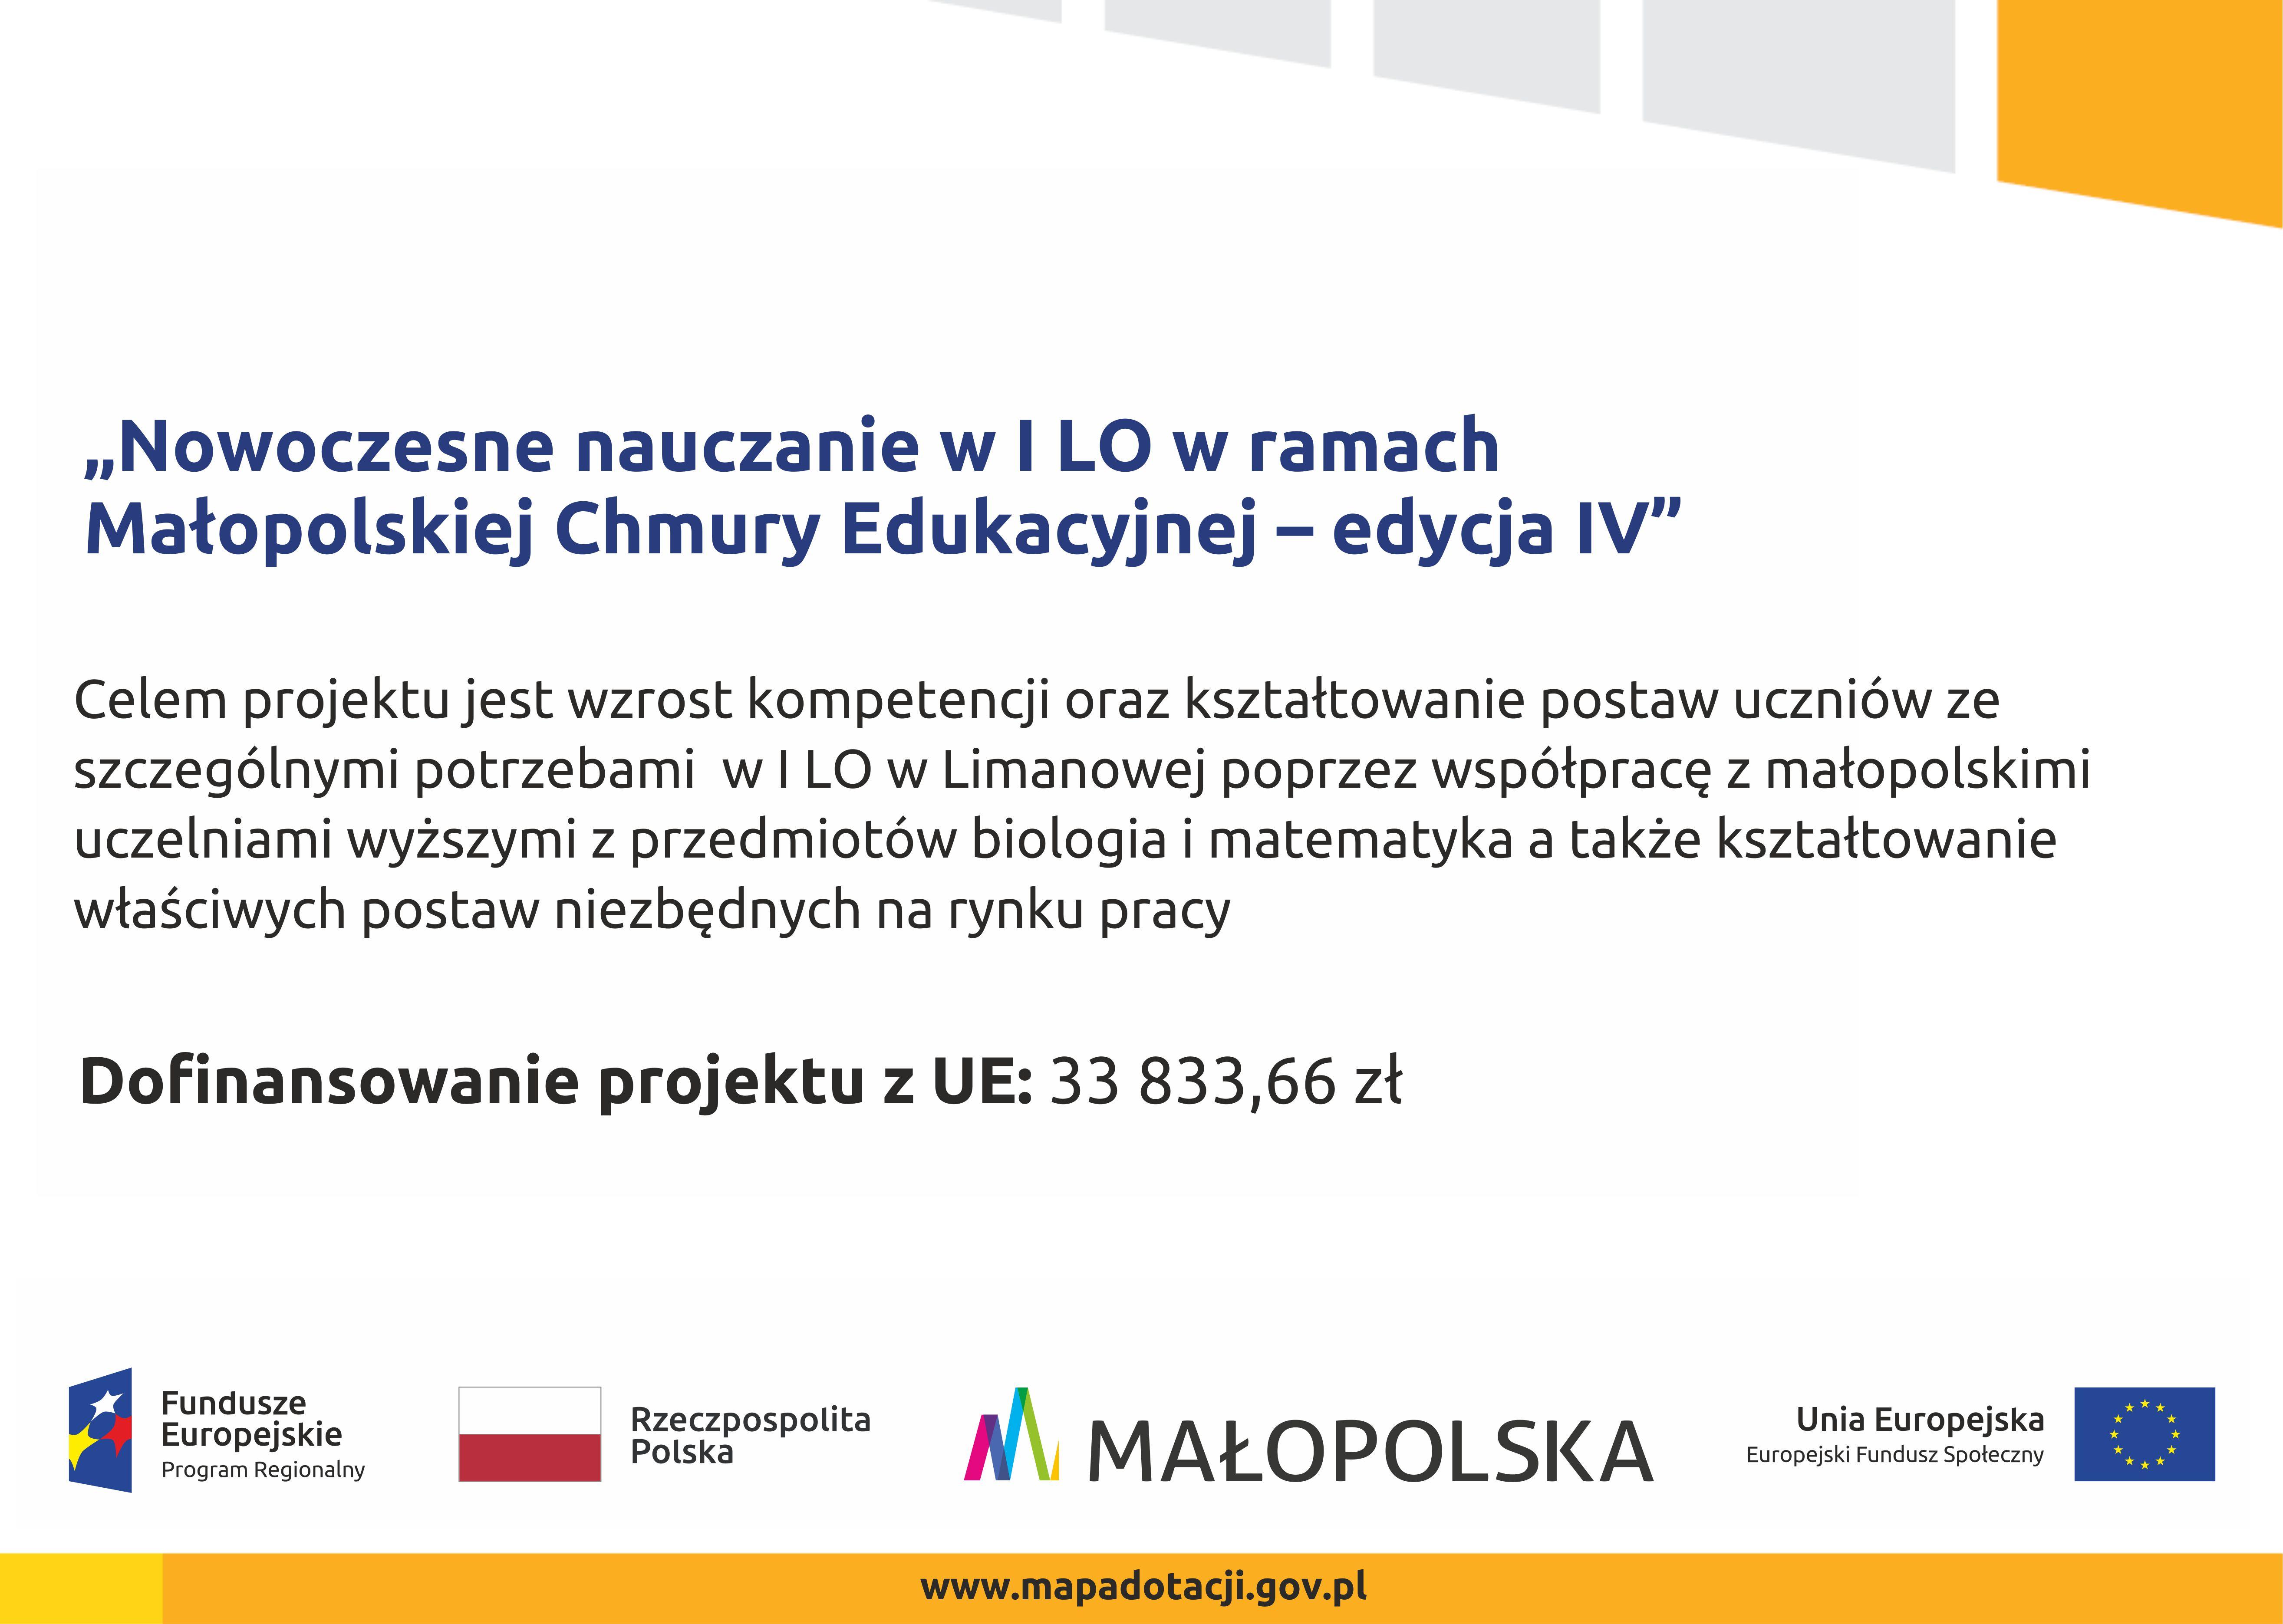 """""""Nowoczesne nauczanie w I LO w ramach Małopolskiej Chmury Edukacyjnej - Edycja IV"""" - plakat informacyjny"""